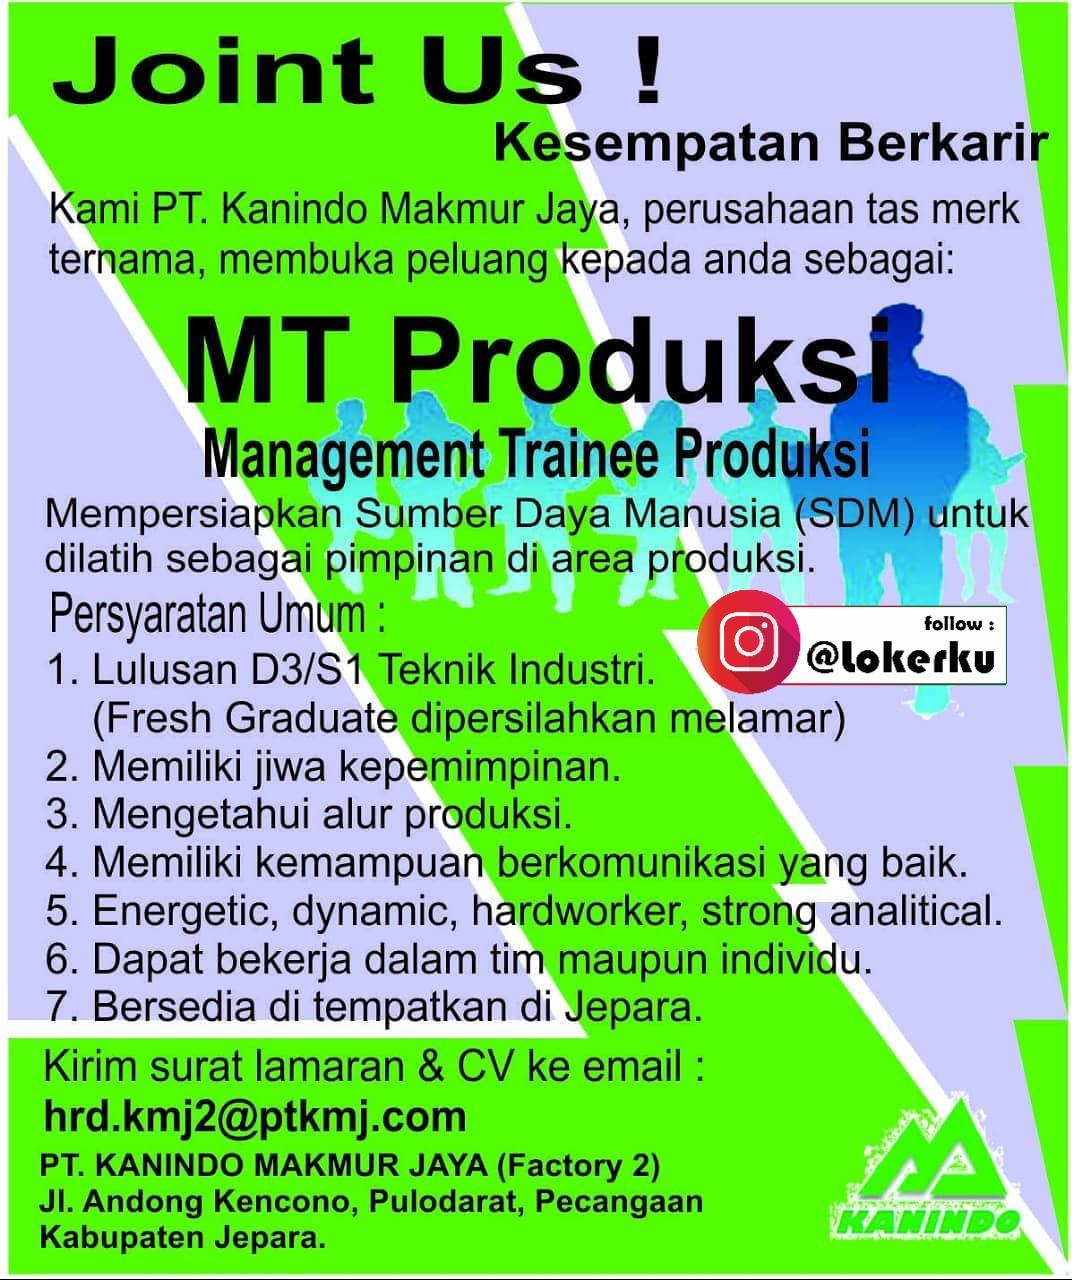 Informasi Lowongan Kerja Jepara Sebagai Management Trainee Produksi di PT. Kanindo Makmur Jaya Factory 2 Jepara